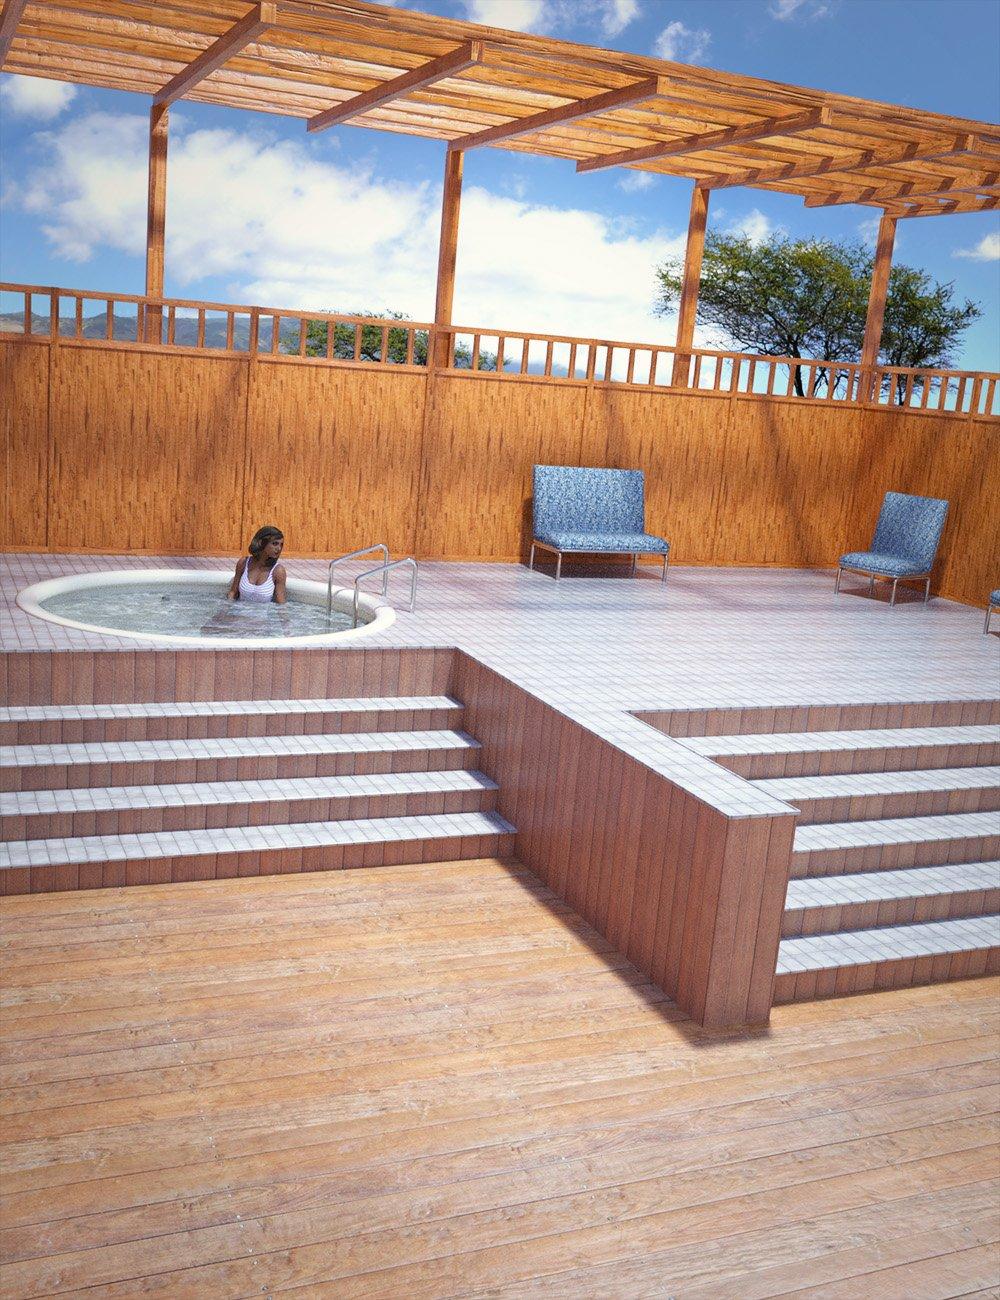 Jacuzzi Deck by: , 3D Models by Daz 3D